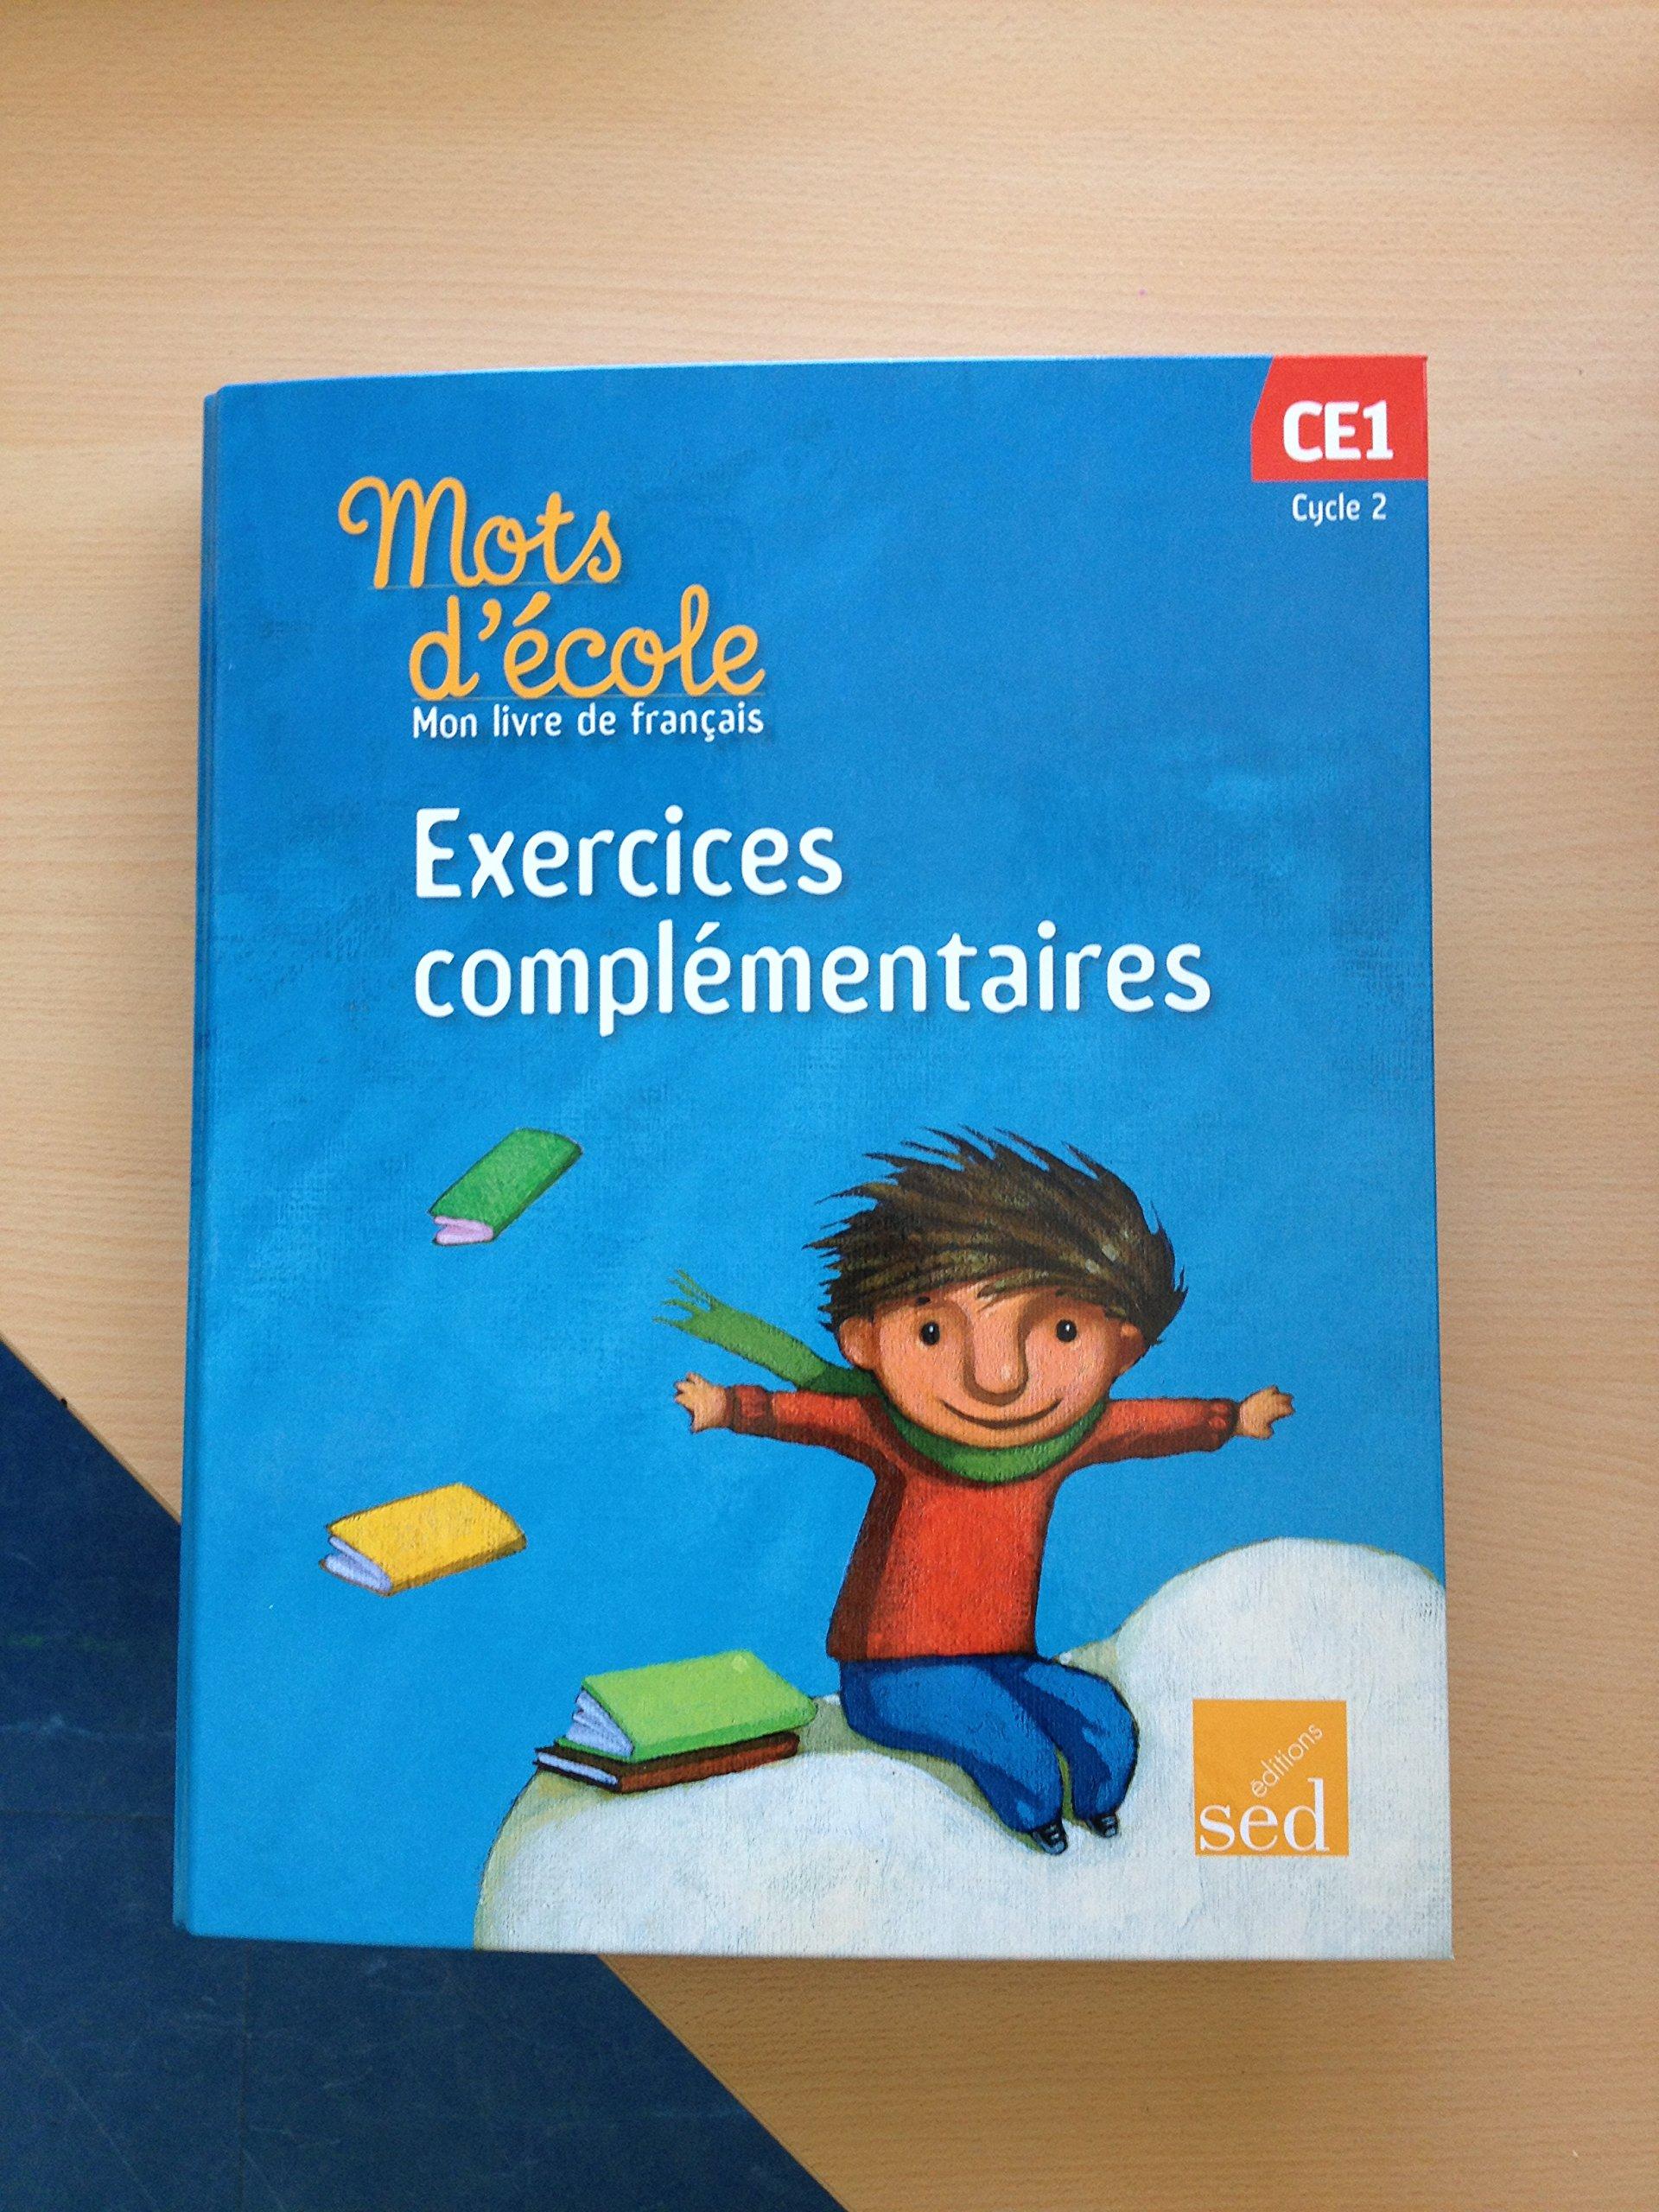 Mots D Ecole Mon Livre De Francais Ce1 Cycle 2 Exercices